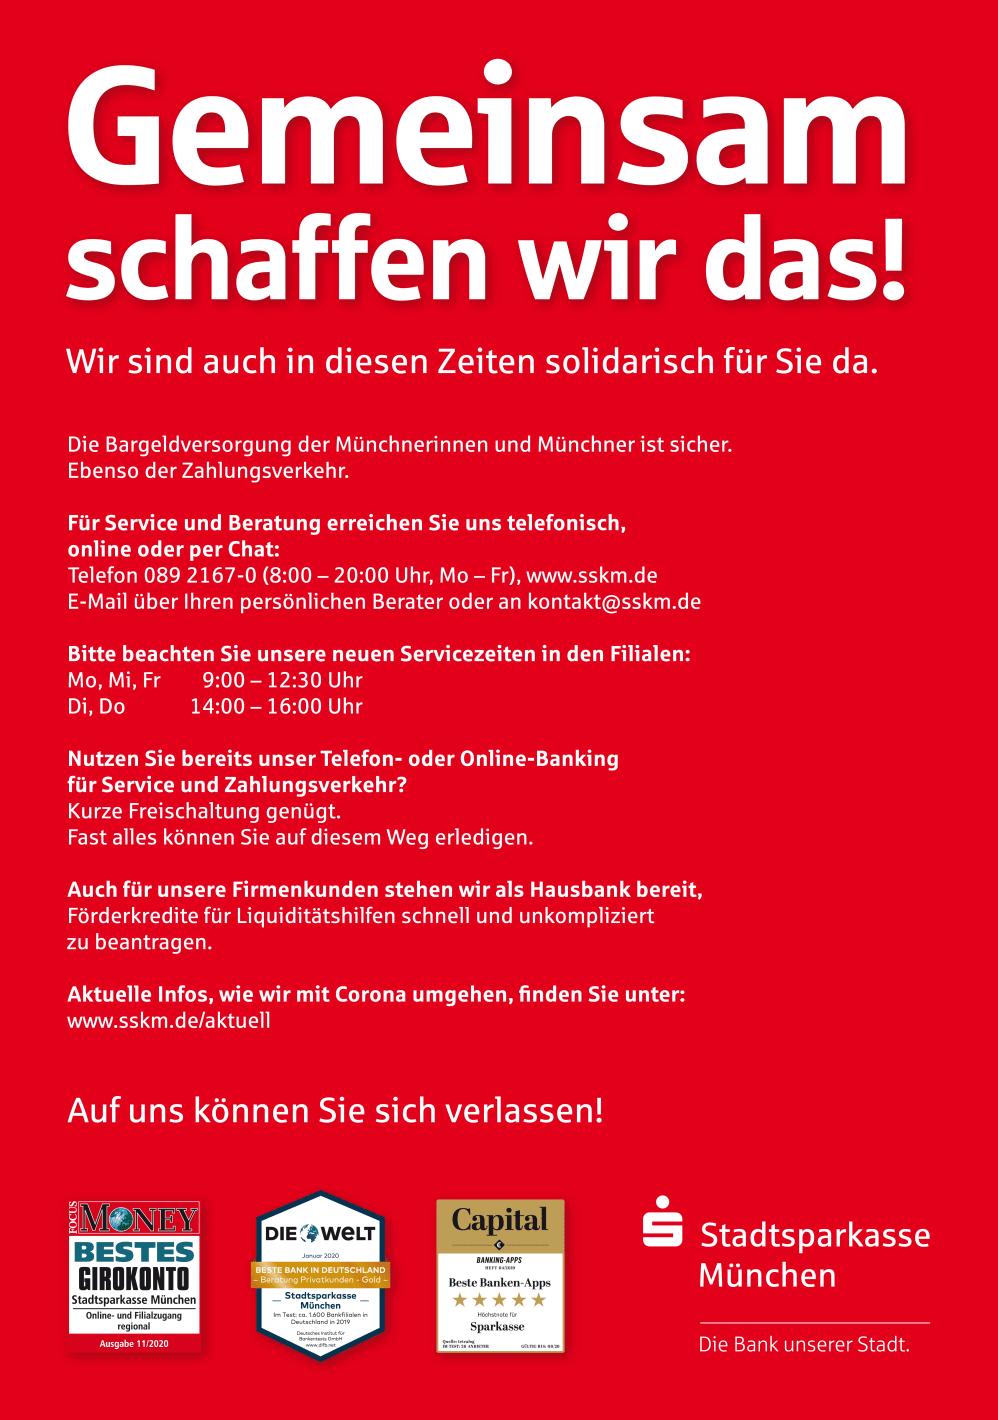 Deutsches Online Wettburo